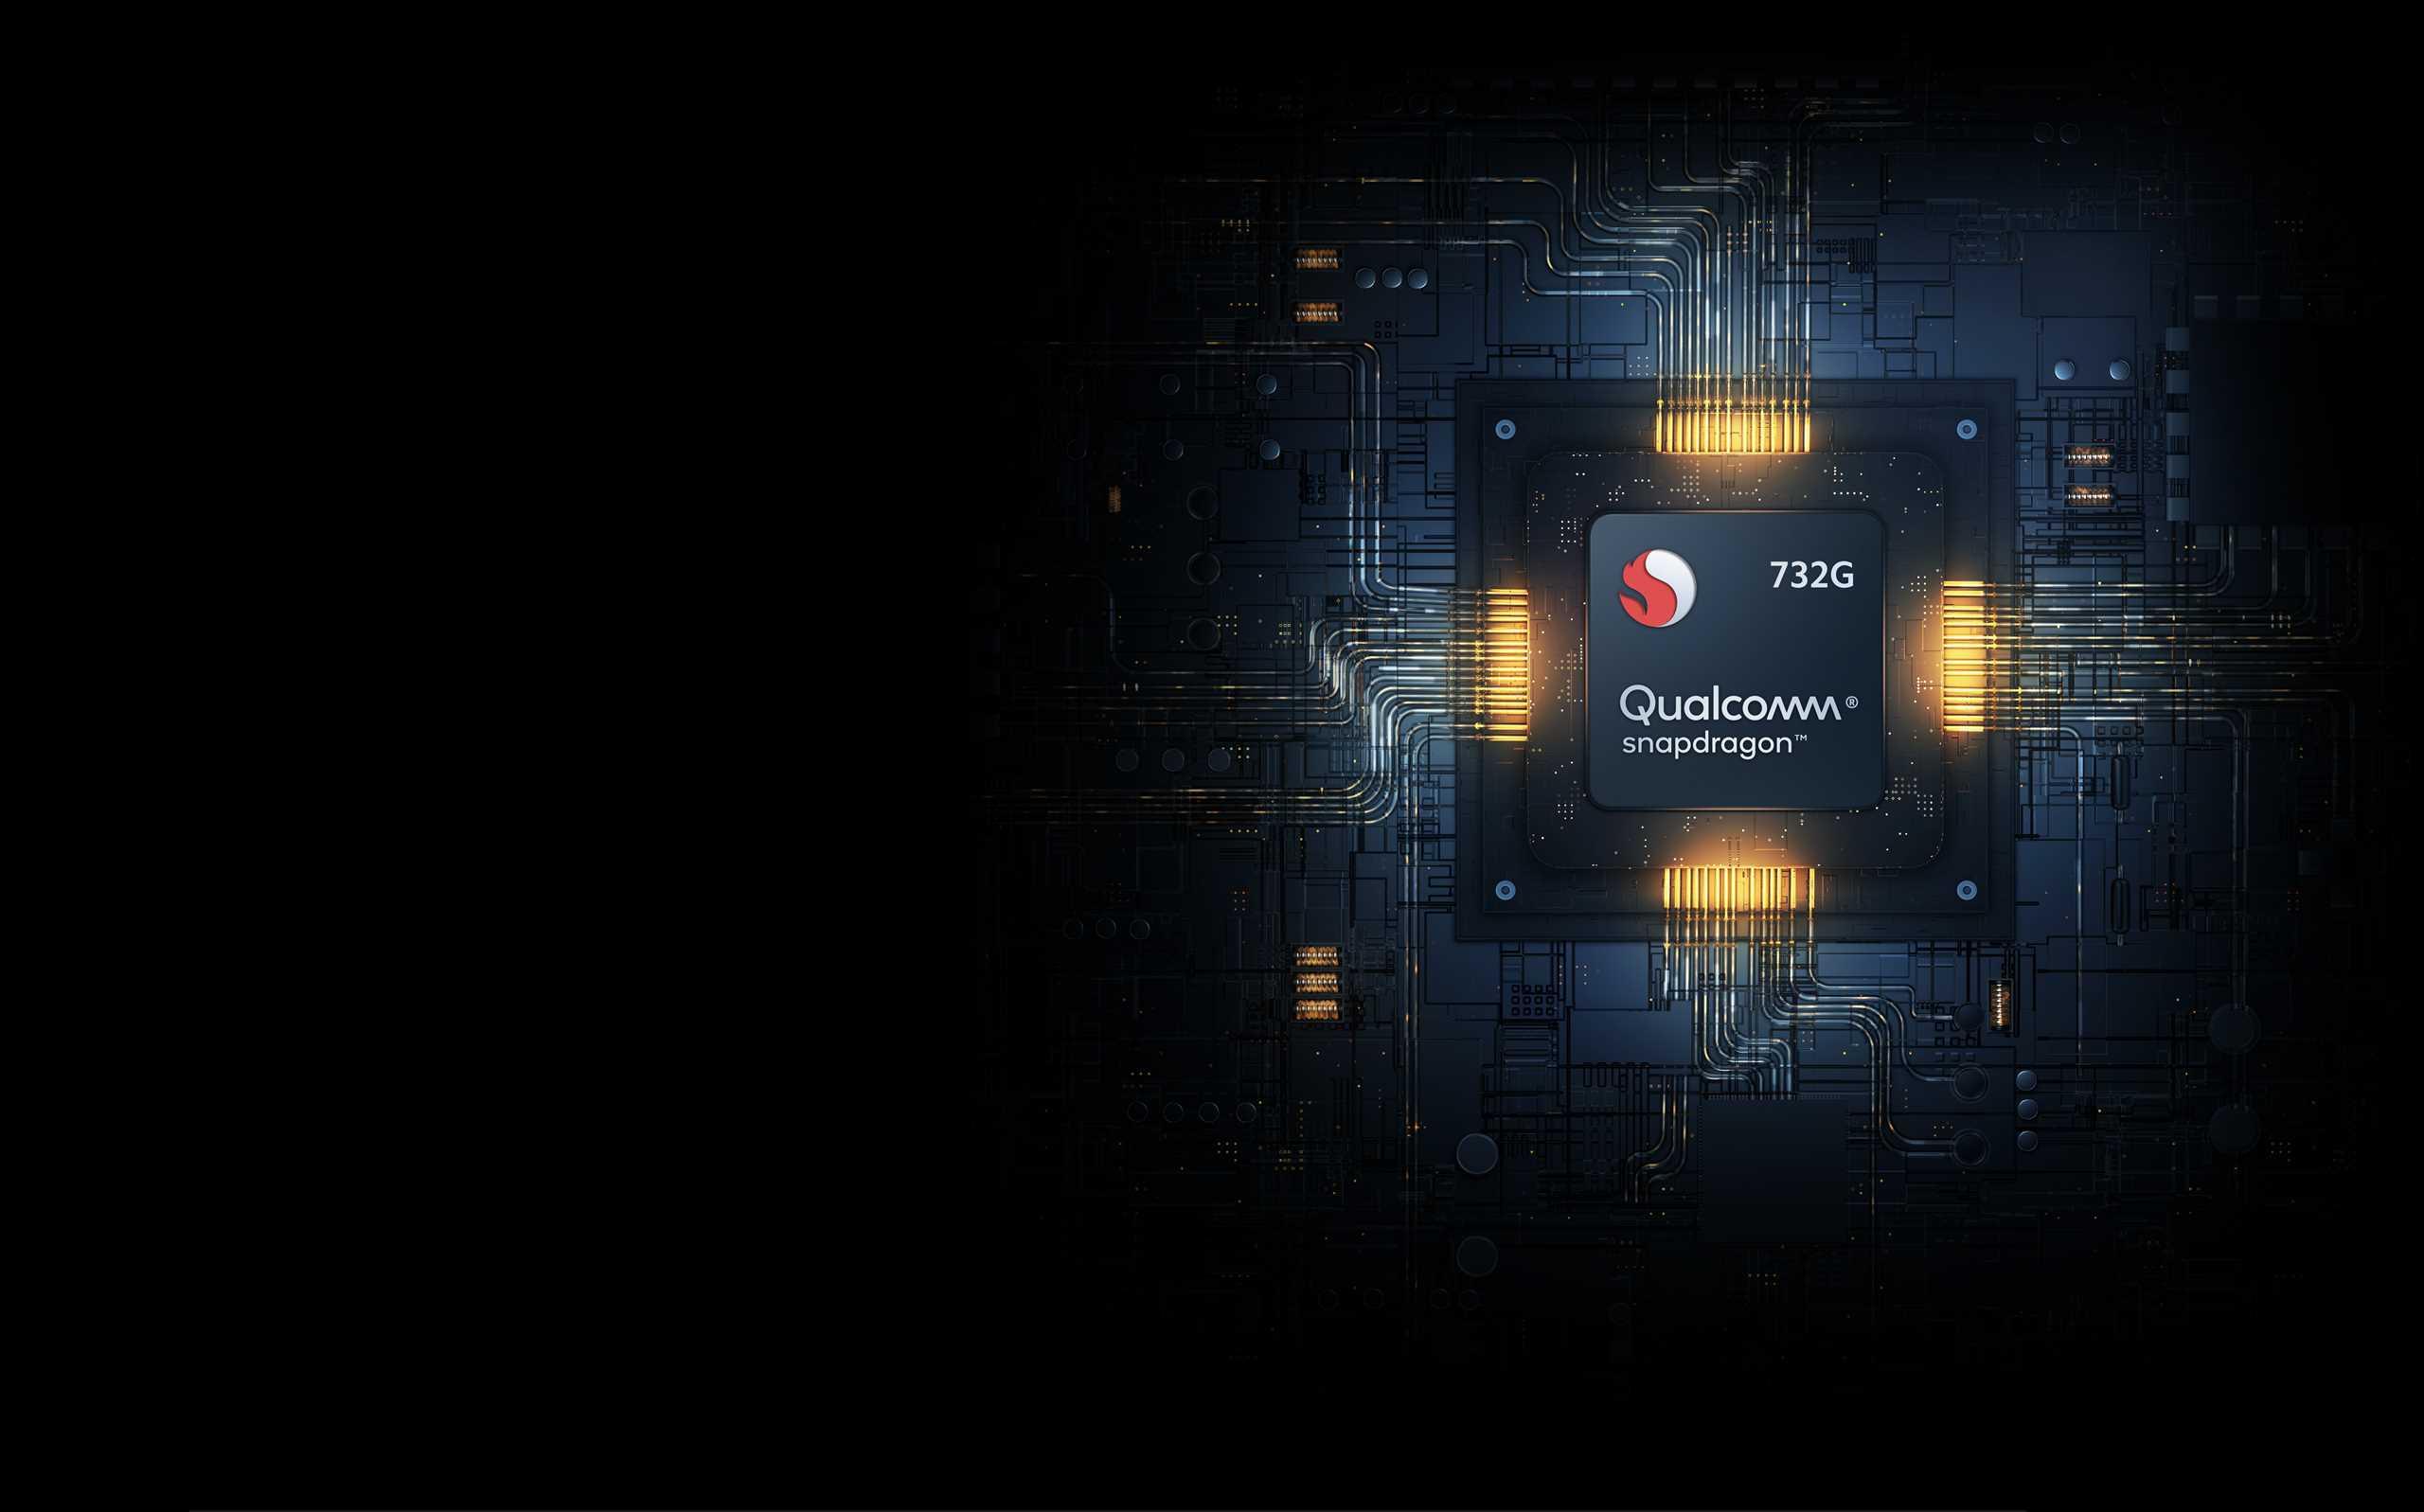 """يرمز الحرف """"G"""" إلى أداء اللعب القوي الذي يوفره المعالج الجديد، يتميز معالج Qualcomm® Snapdragon™ 732G بقدرة كبيرة على معالجة الرسومات وإمكانيات حوسبة متقدمة بالذكاء الاصطناعي"""